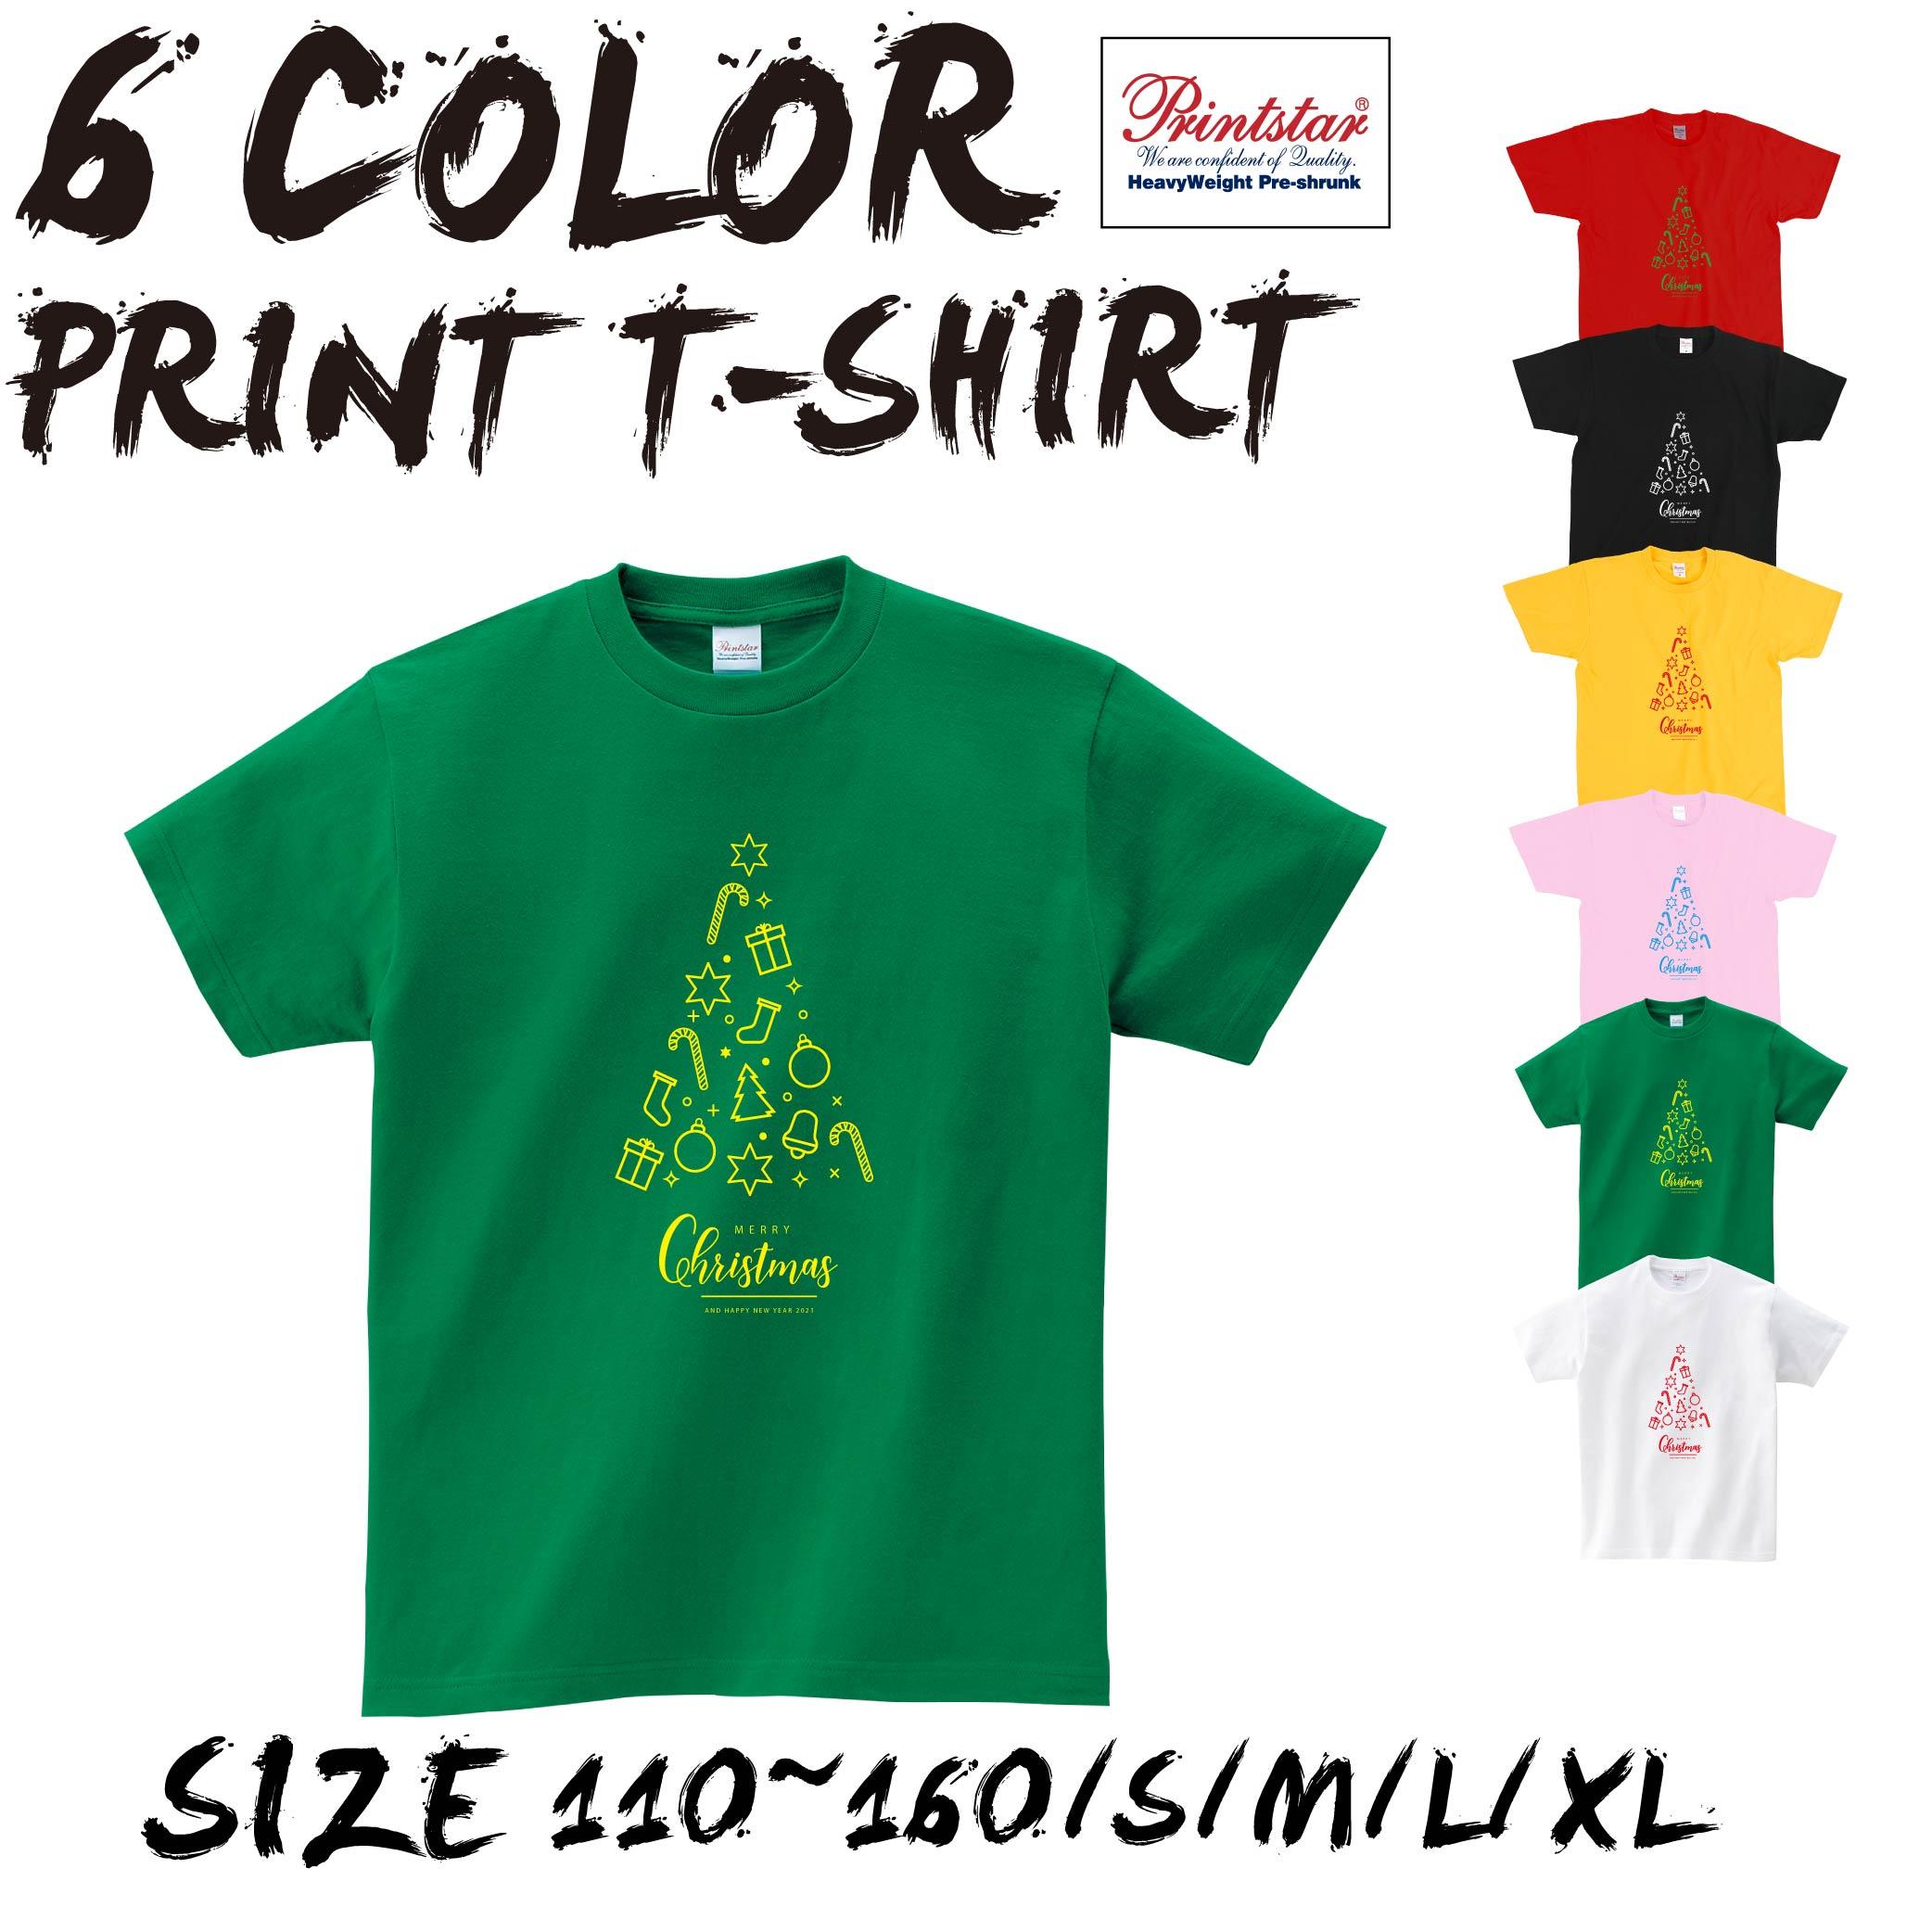 クリスマスTシャツ短袖 100-160CM メーカー直送 S M L XL 送料無料 選べる6色, クリスマス短袖 上質 Tシャツメンズ レディース キッズ 親子ペア衣装 雪ダルマ サンタ 冬 t085-k118 半袖 トナカイ かわいい お揃い T Tシャツ